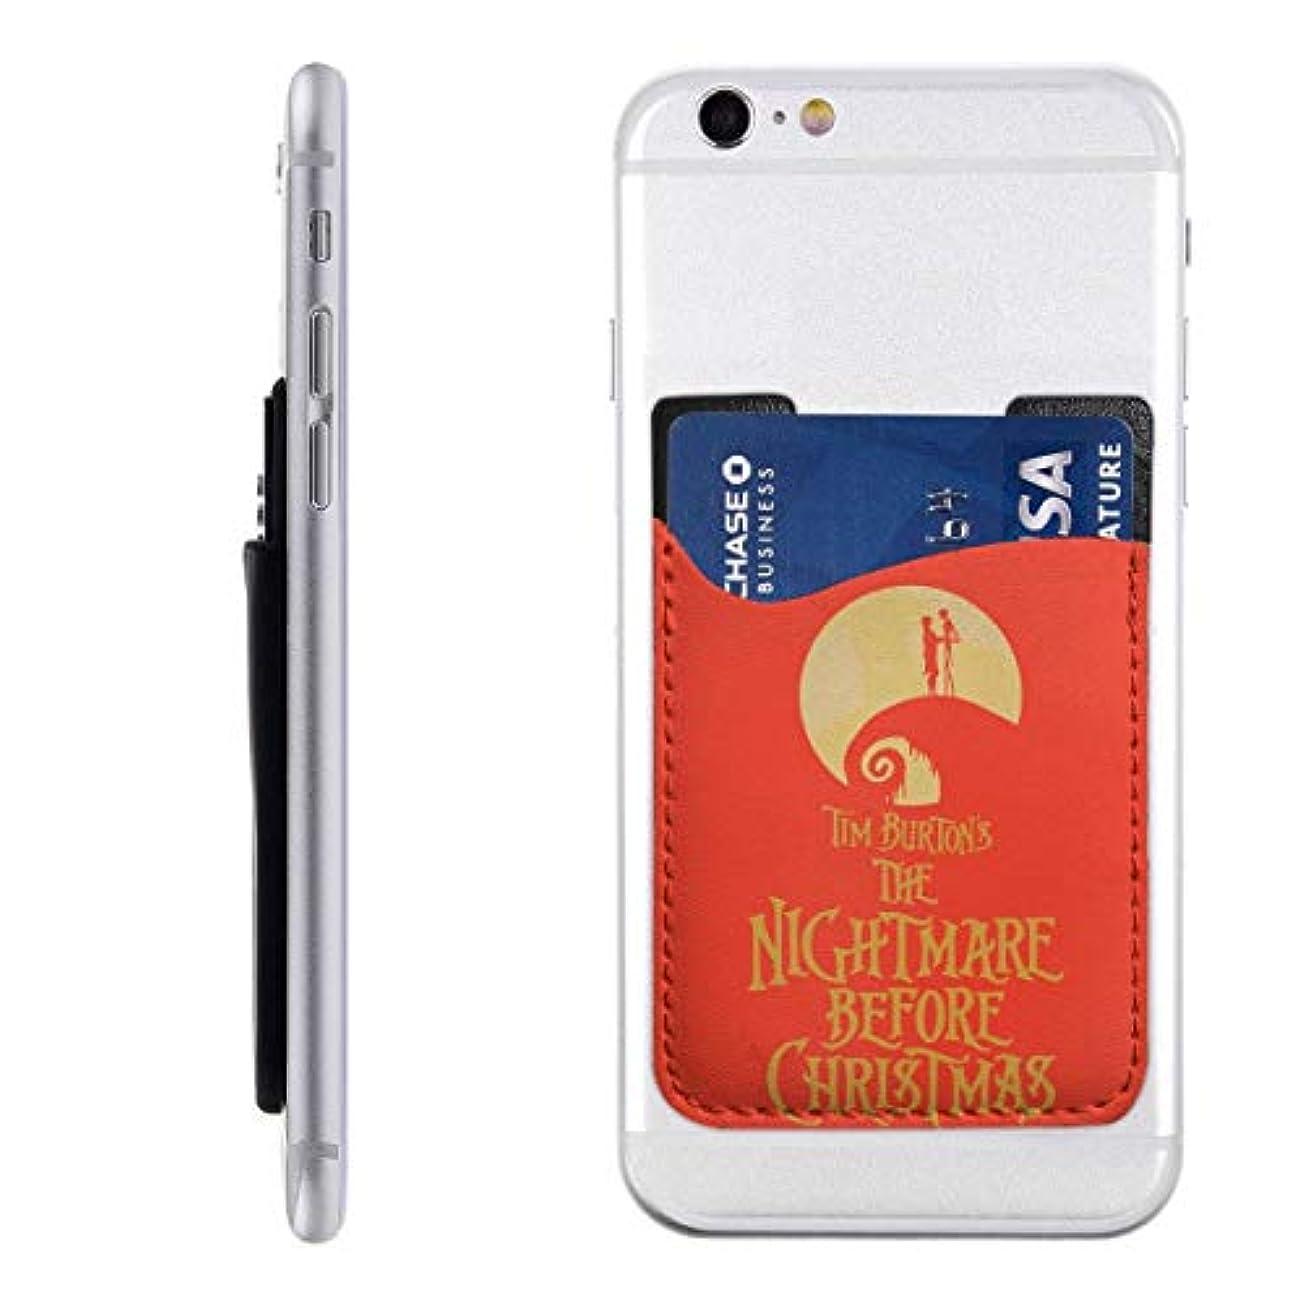 排出本を読むはがきPU スマホ カードケース 貼り付け ナイトメアー ビフォア クリスマス 名刺入れ カード収納 大容量 軽量 持ち運びが簡単 全機種対応 6.2X9CM